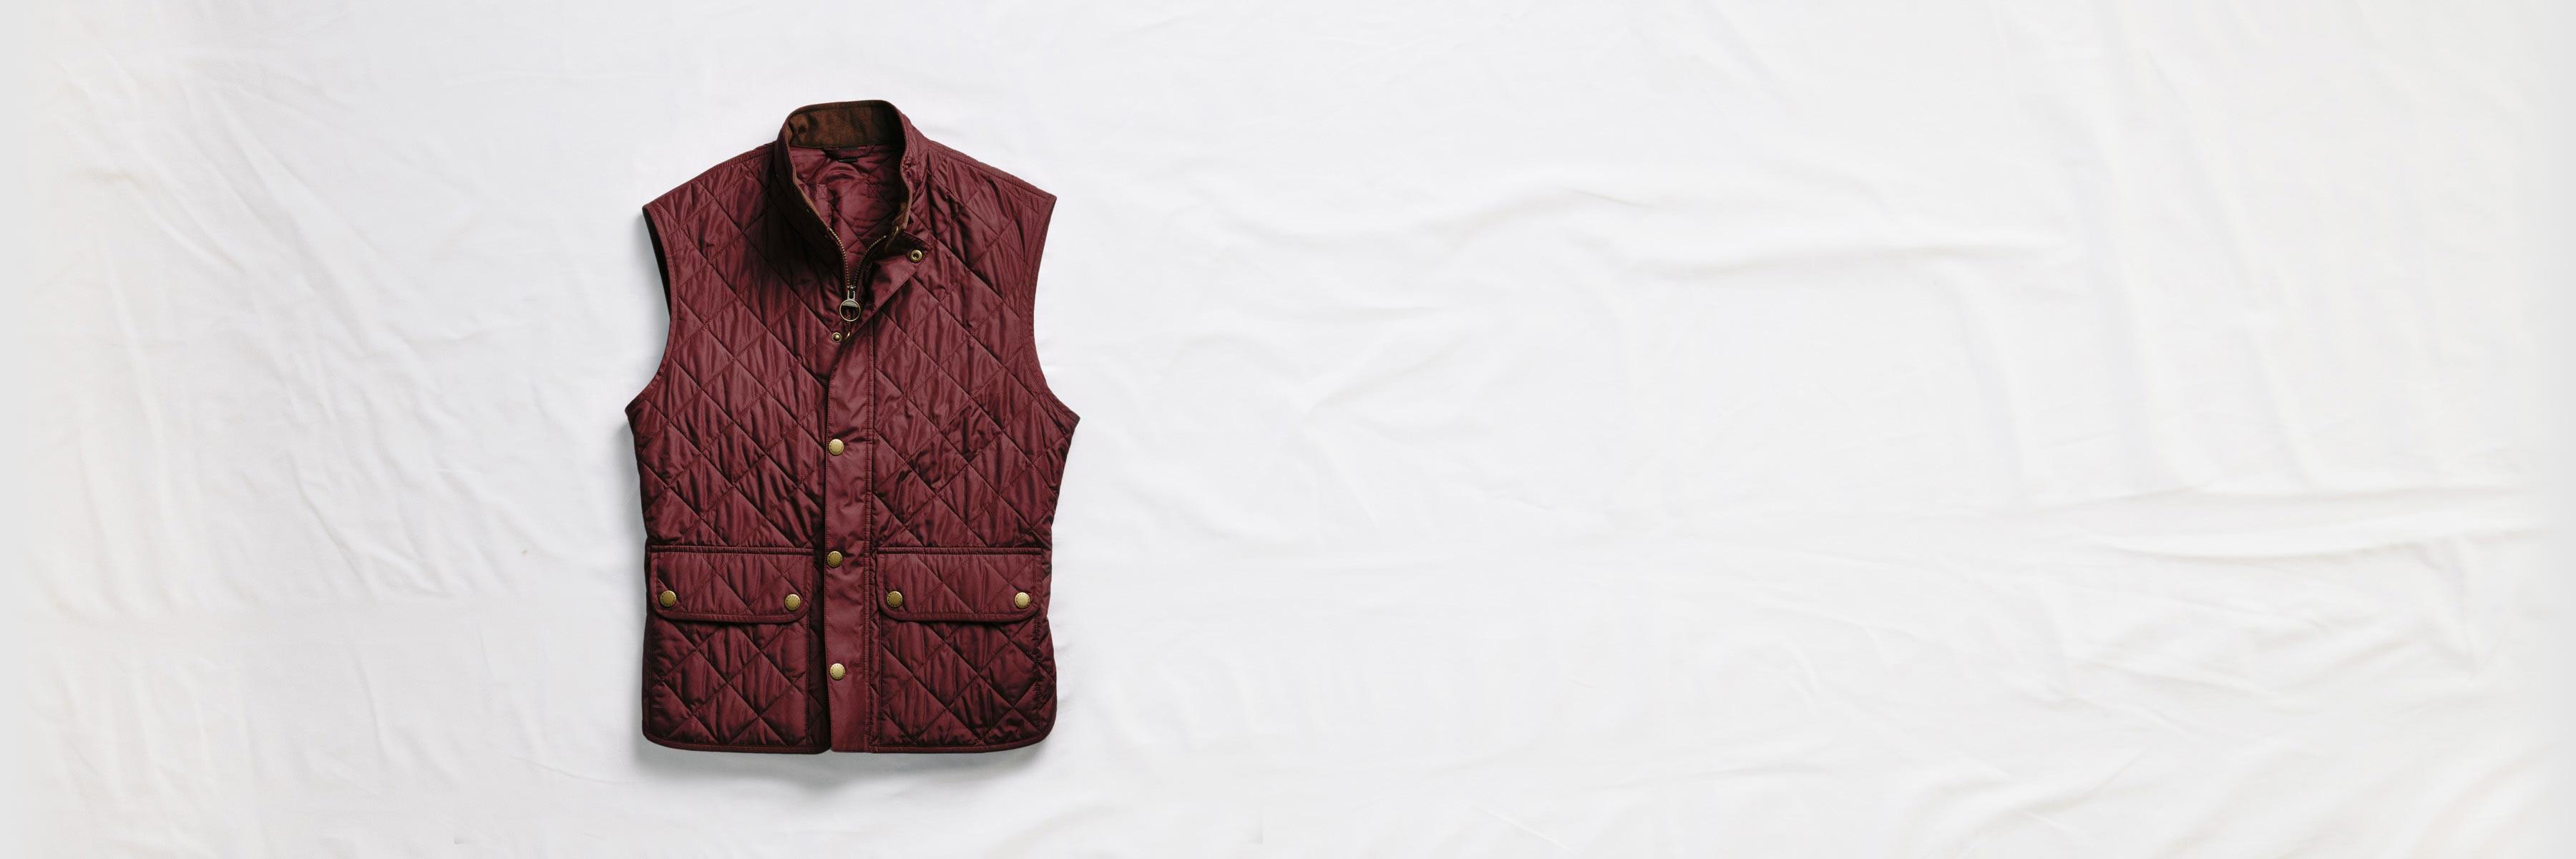 barbour-vest-large